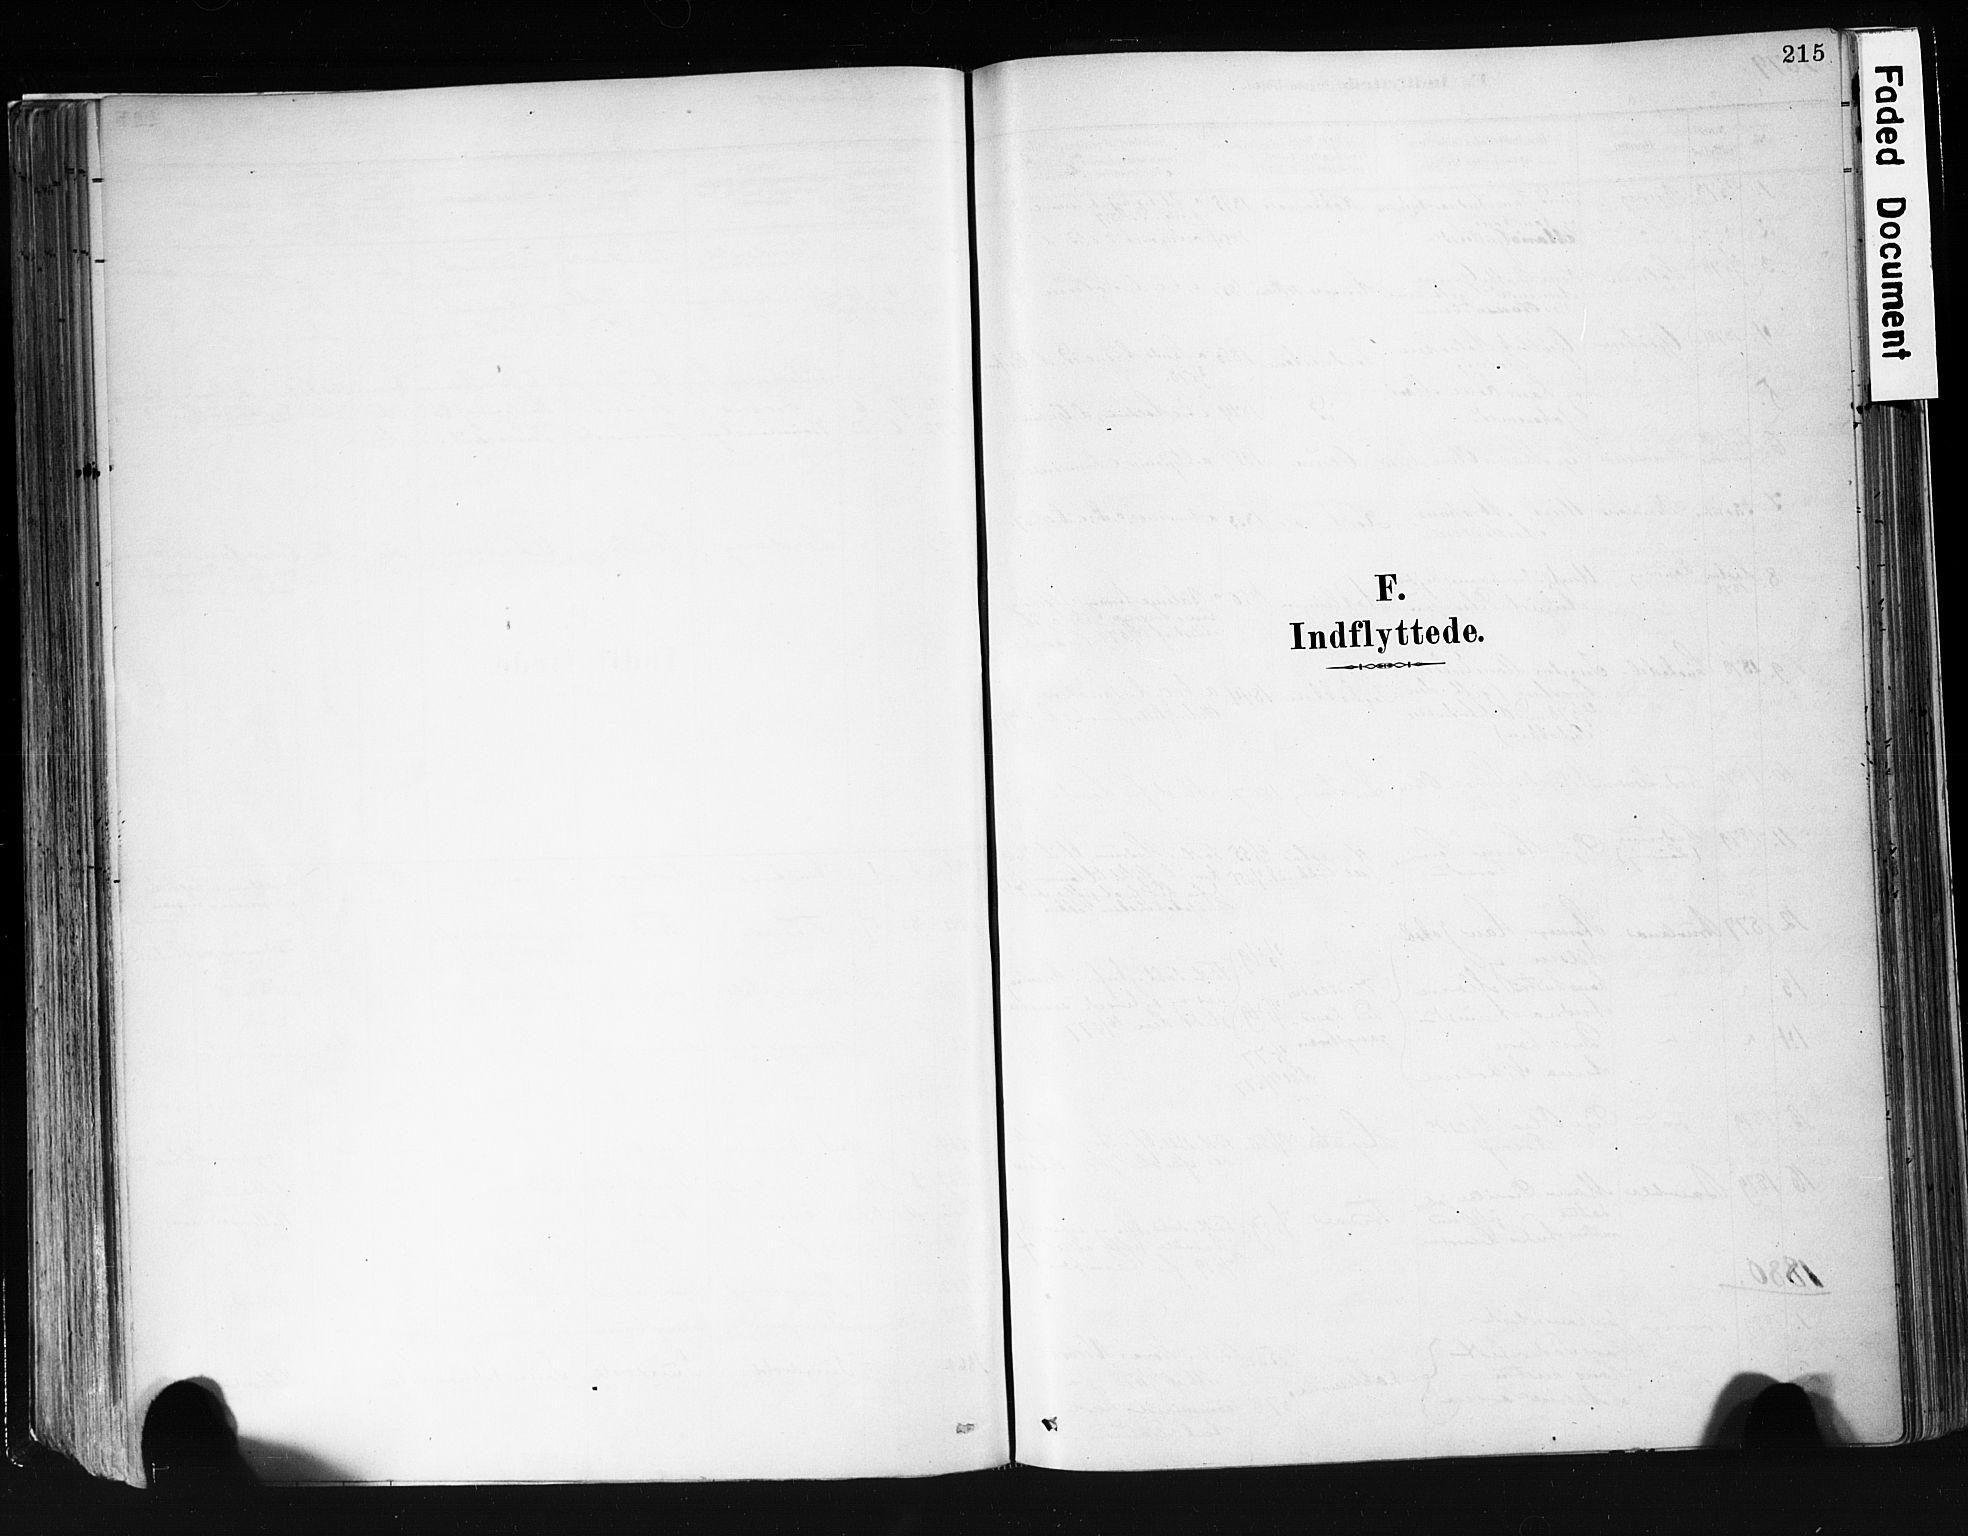 SAKO, Eidanger kirkebøker, F/Fa/L0012: Ministerialbok nr. 12, 1879-1900, s. 215